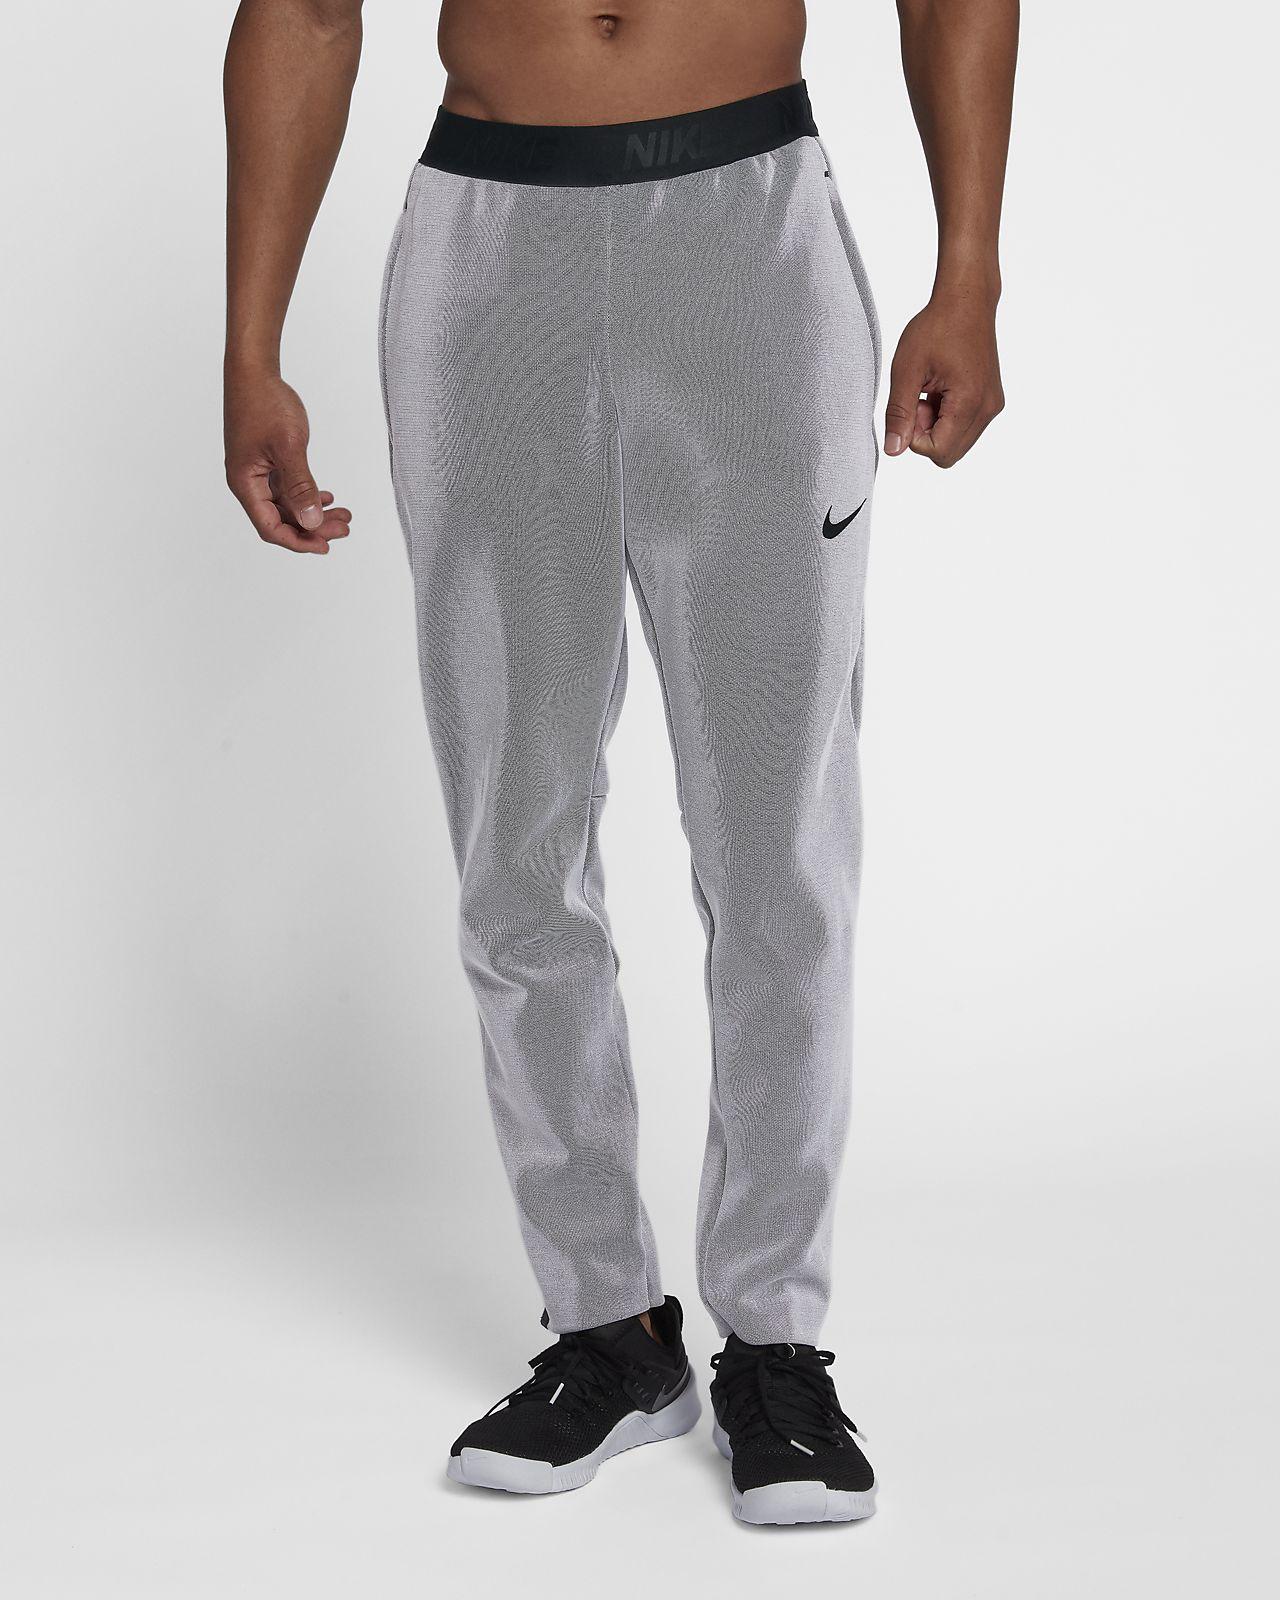 Calças de treino Nike Therma Sphere Max para homem